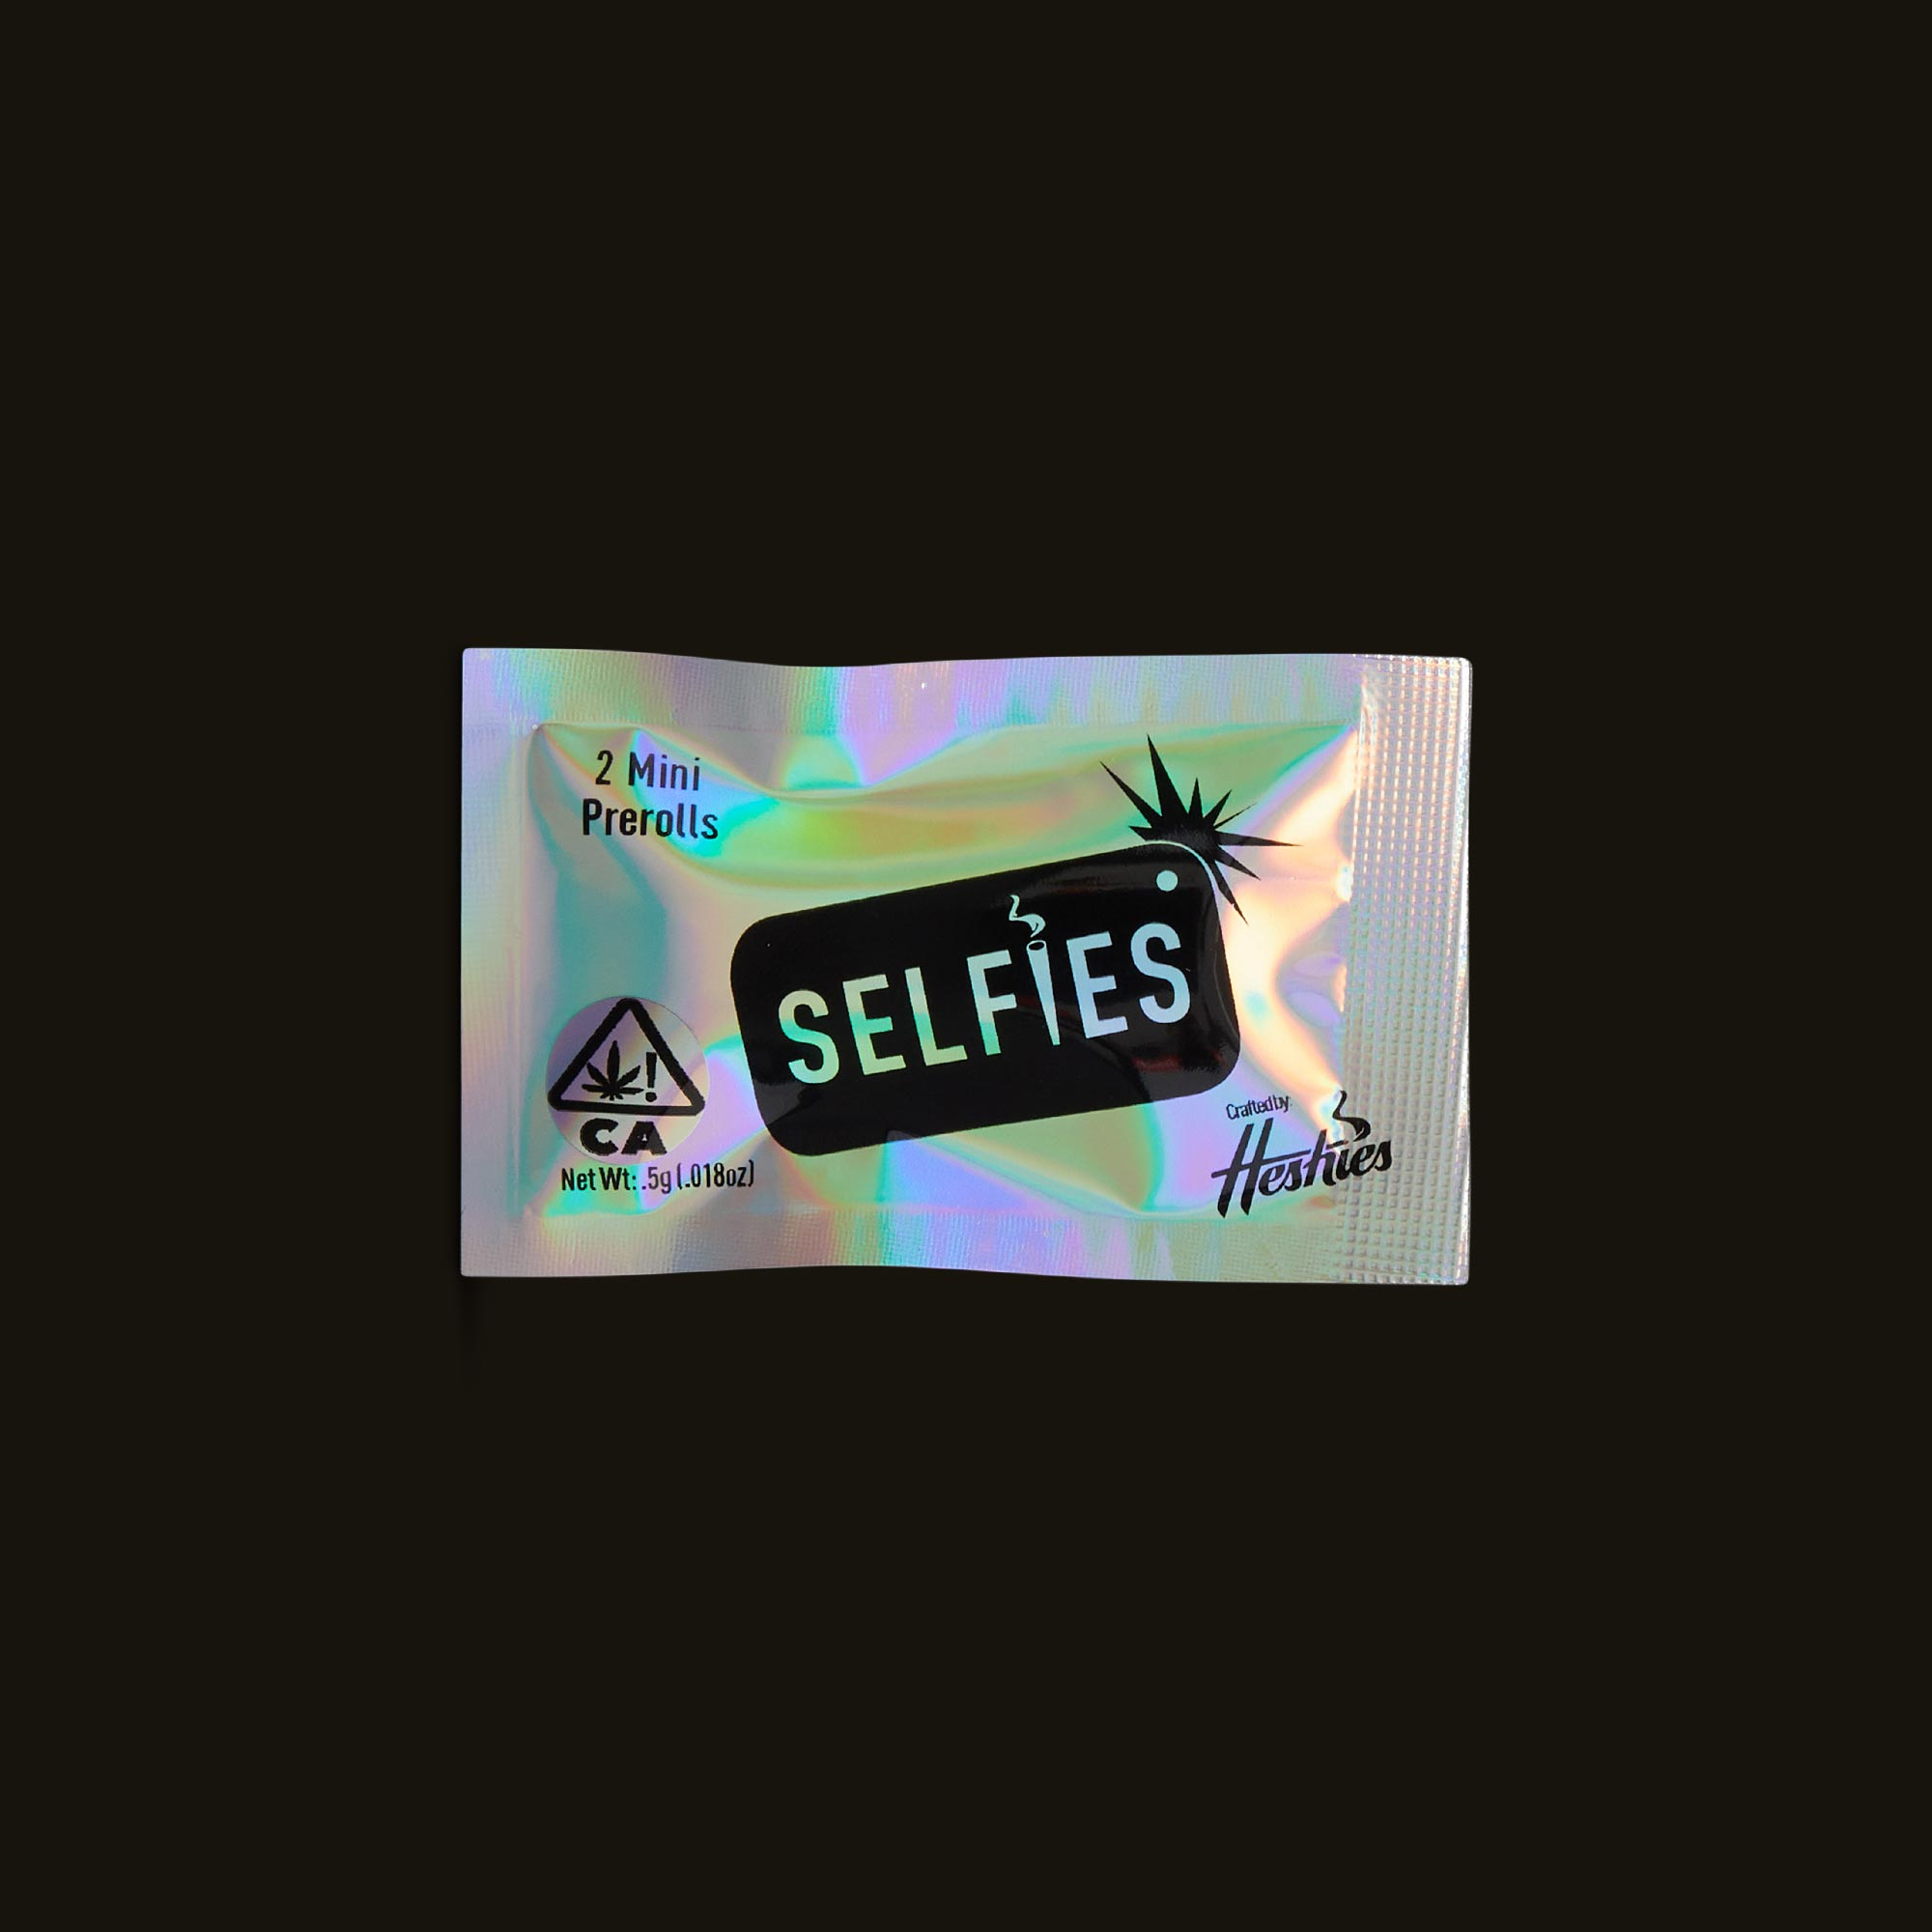 Heshies Superglue Selfies